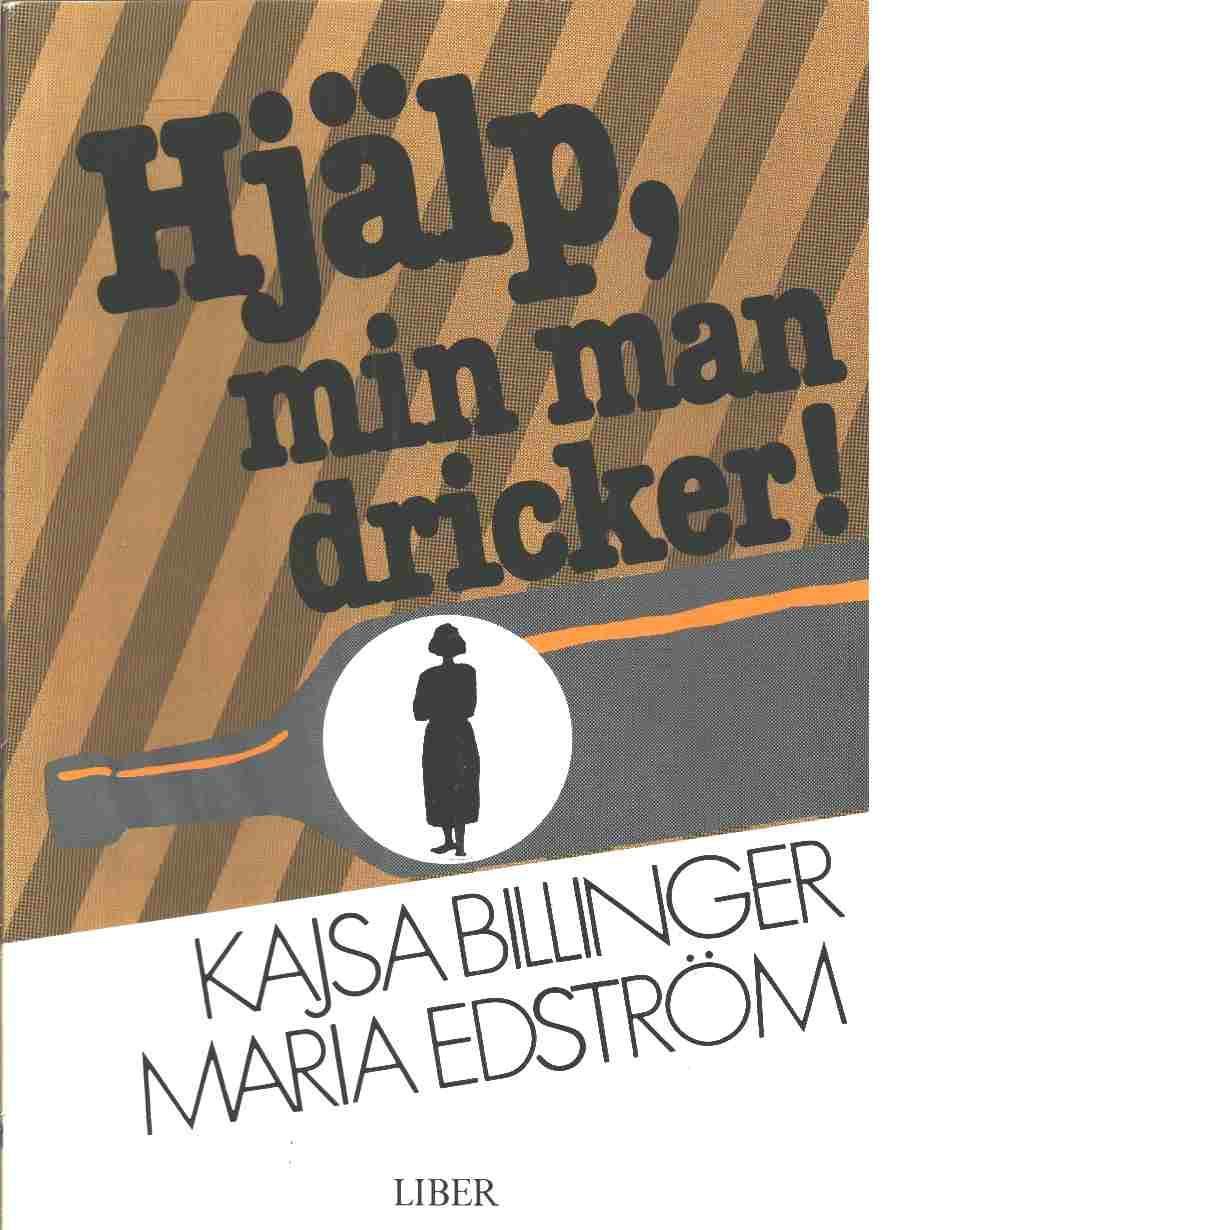 Hjälp, min man dricker! - Billinger, Kajsa och Edström, Maria